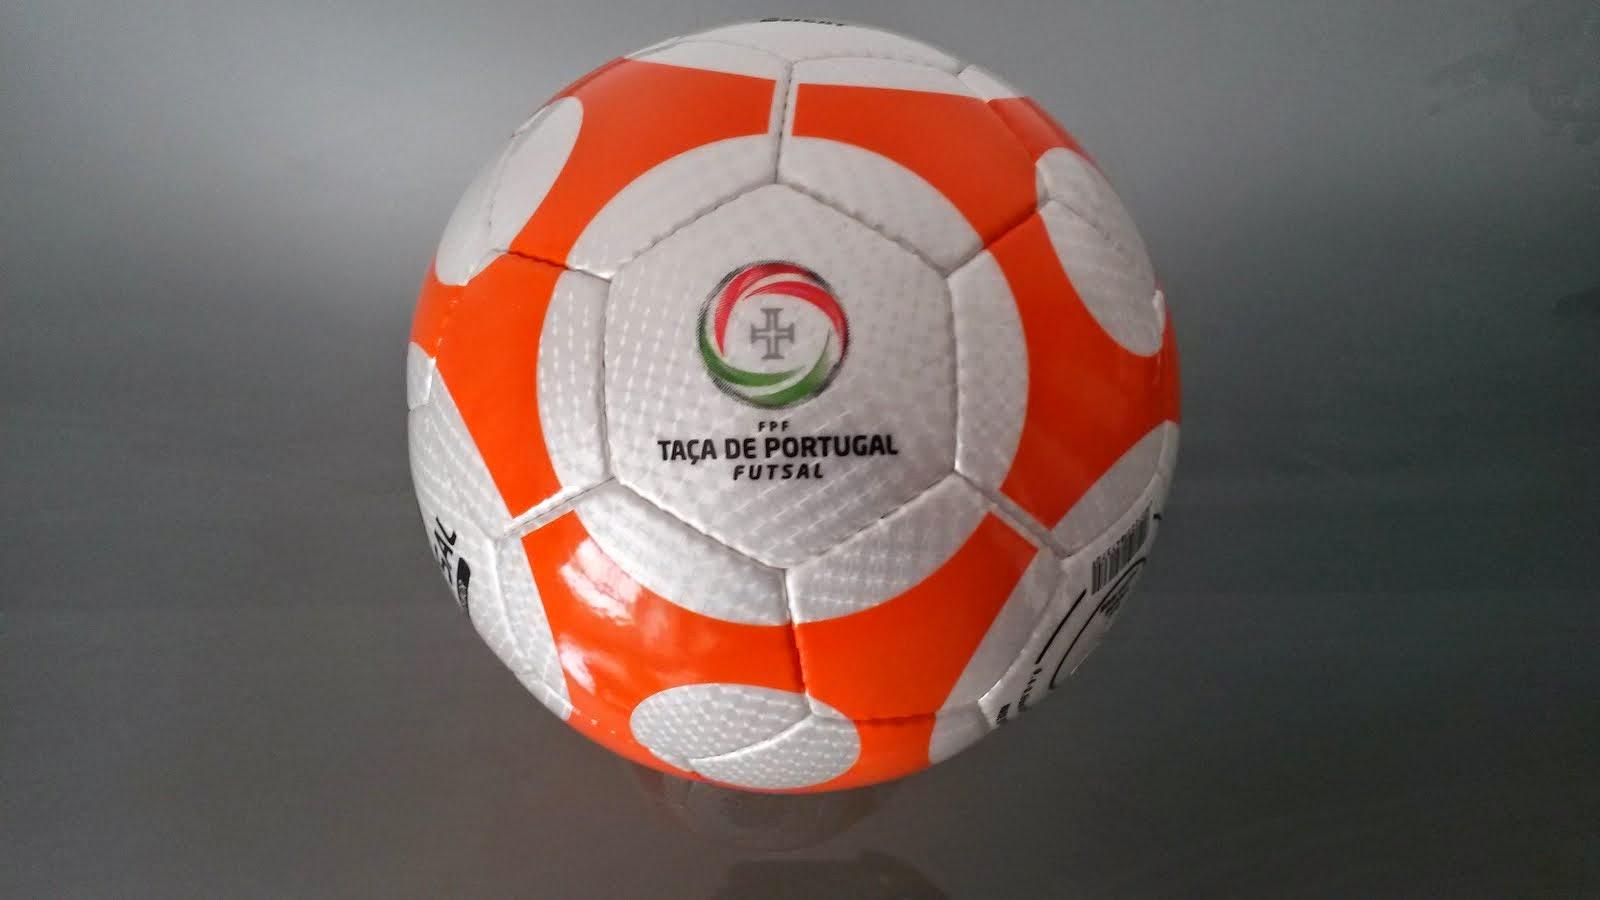 Bola Oficial 2014-2015 / 2015-2016 / 2016-2017